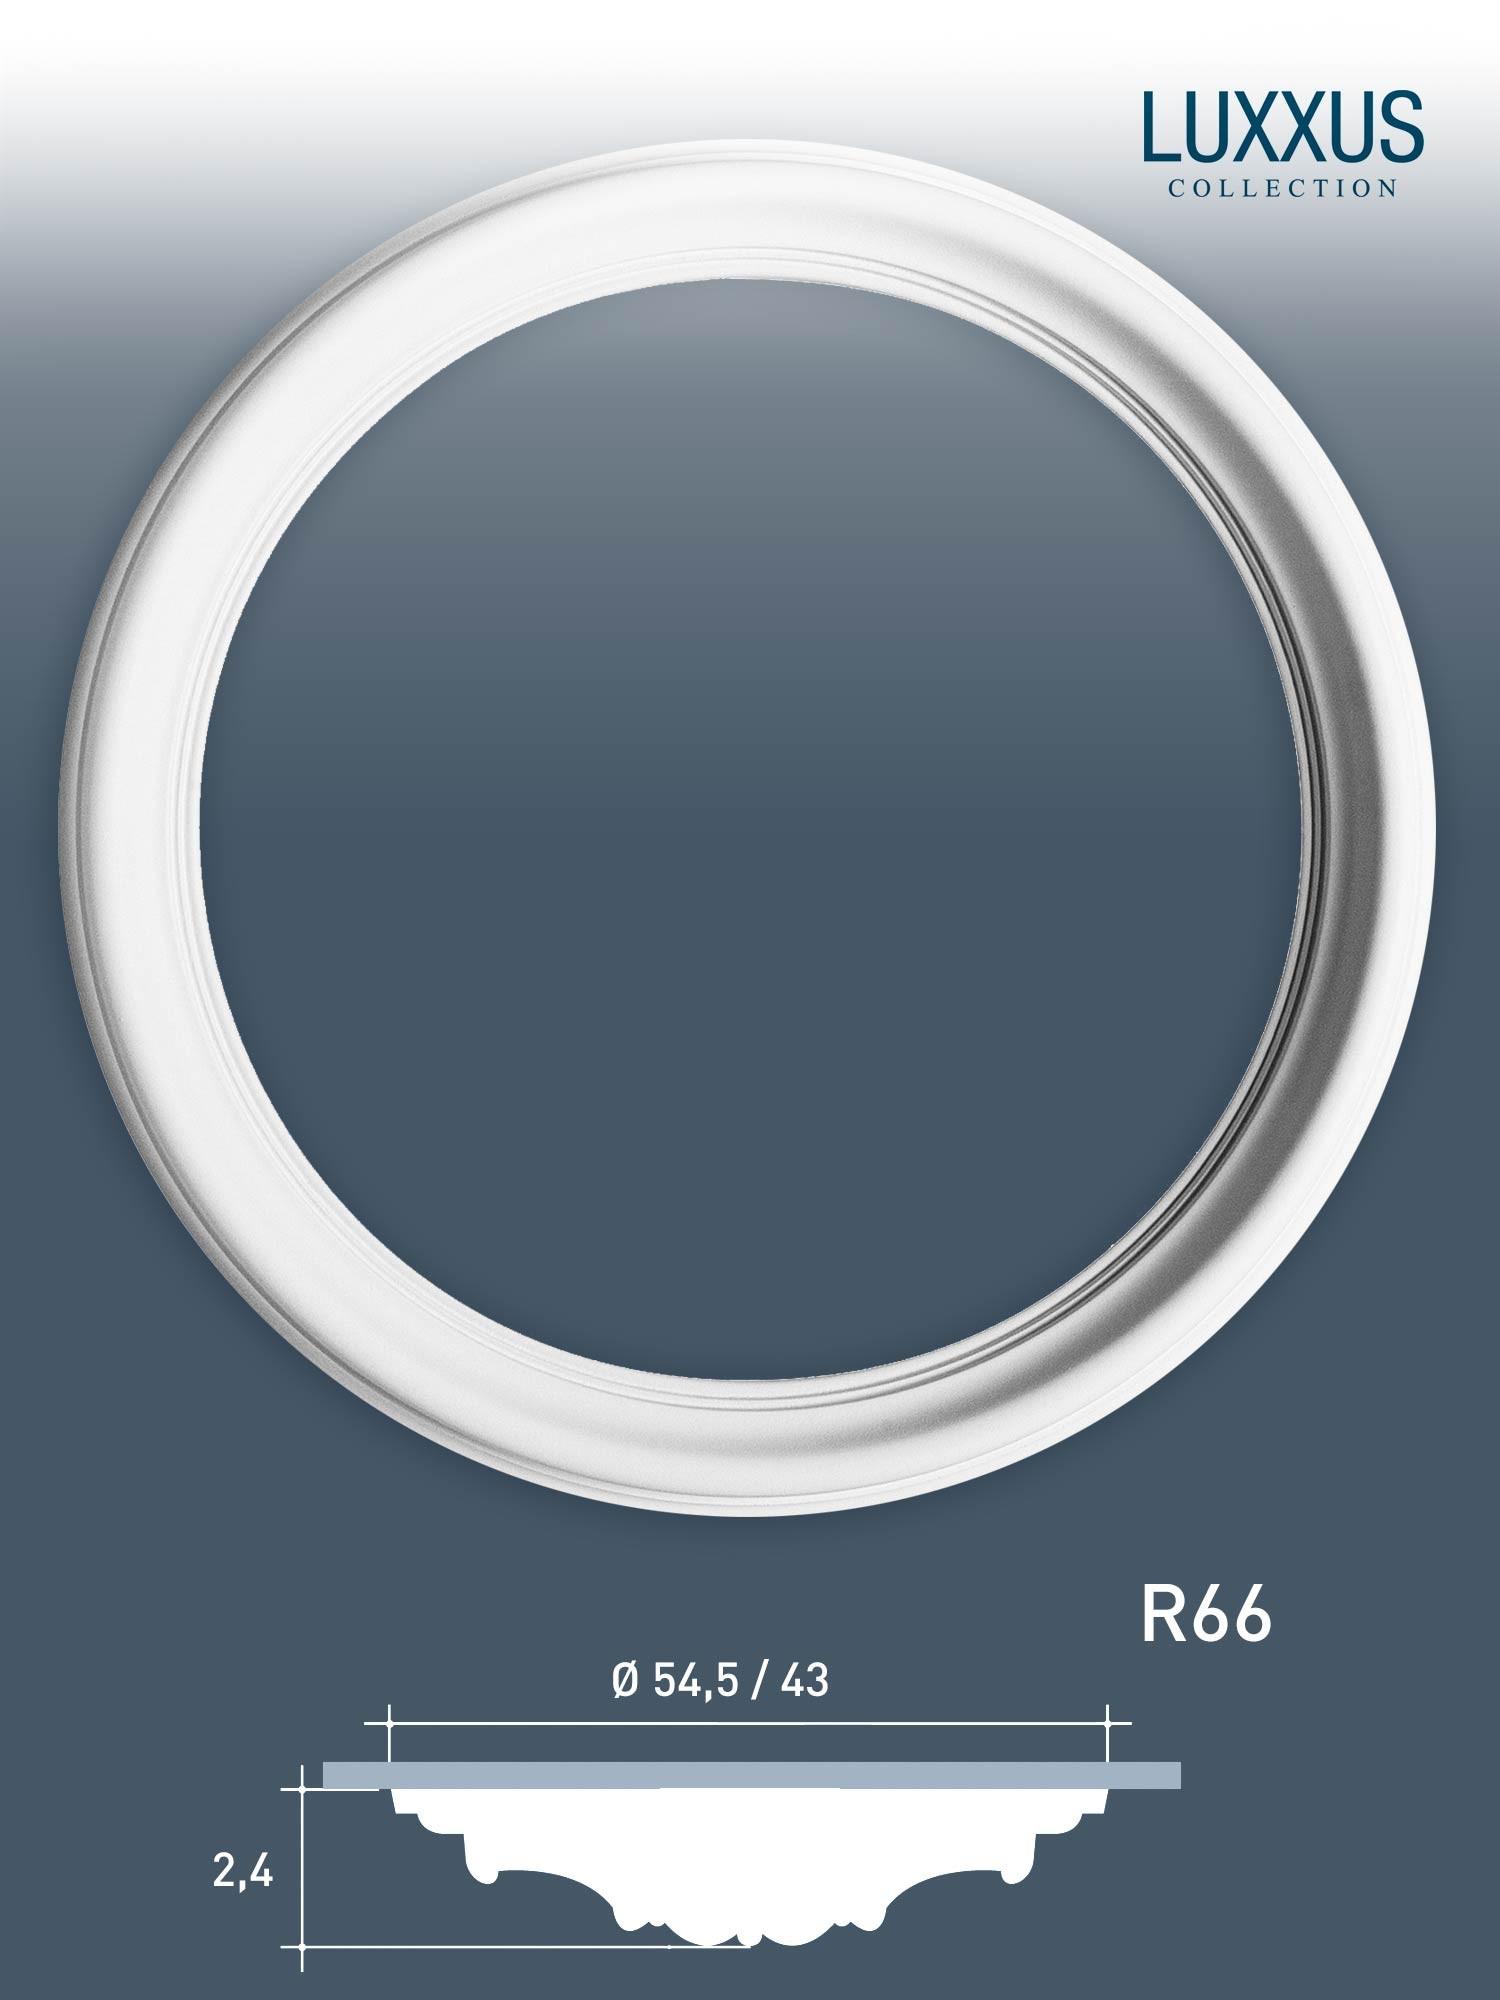 deckenrosette medallion orac decor r66 luxxus ring decken. Black Bedroom Furniture Sets. Home Design Ideas